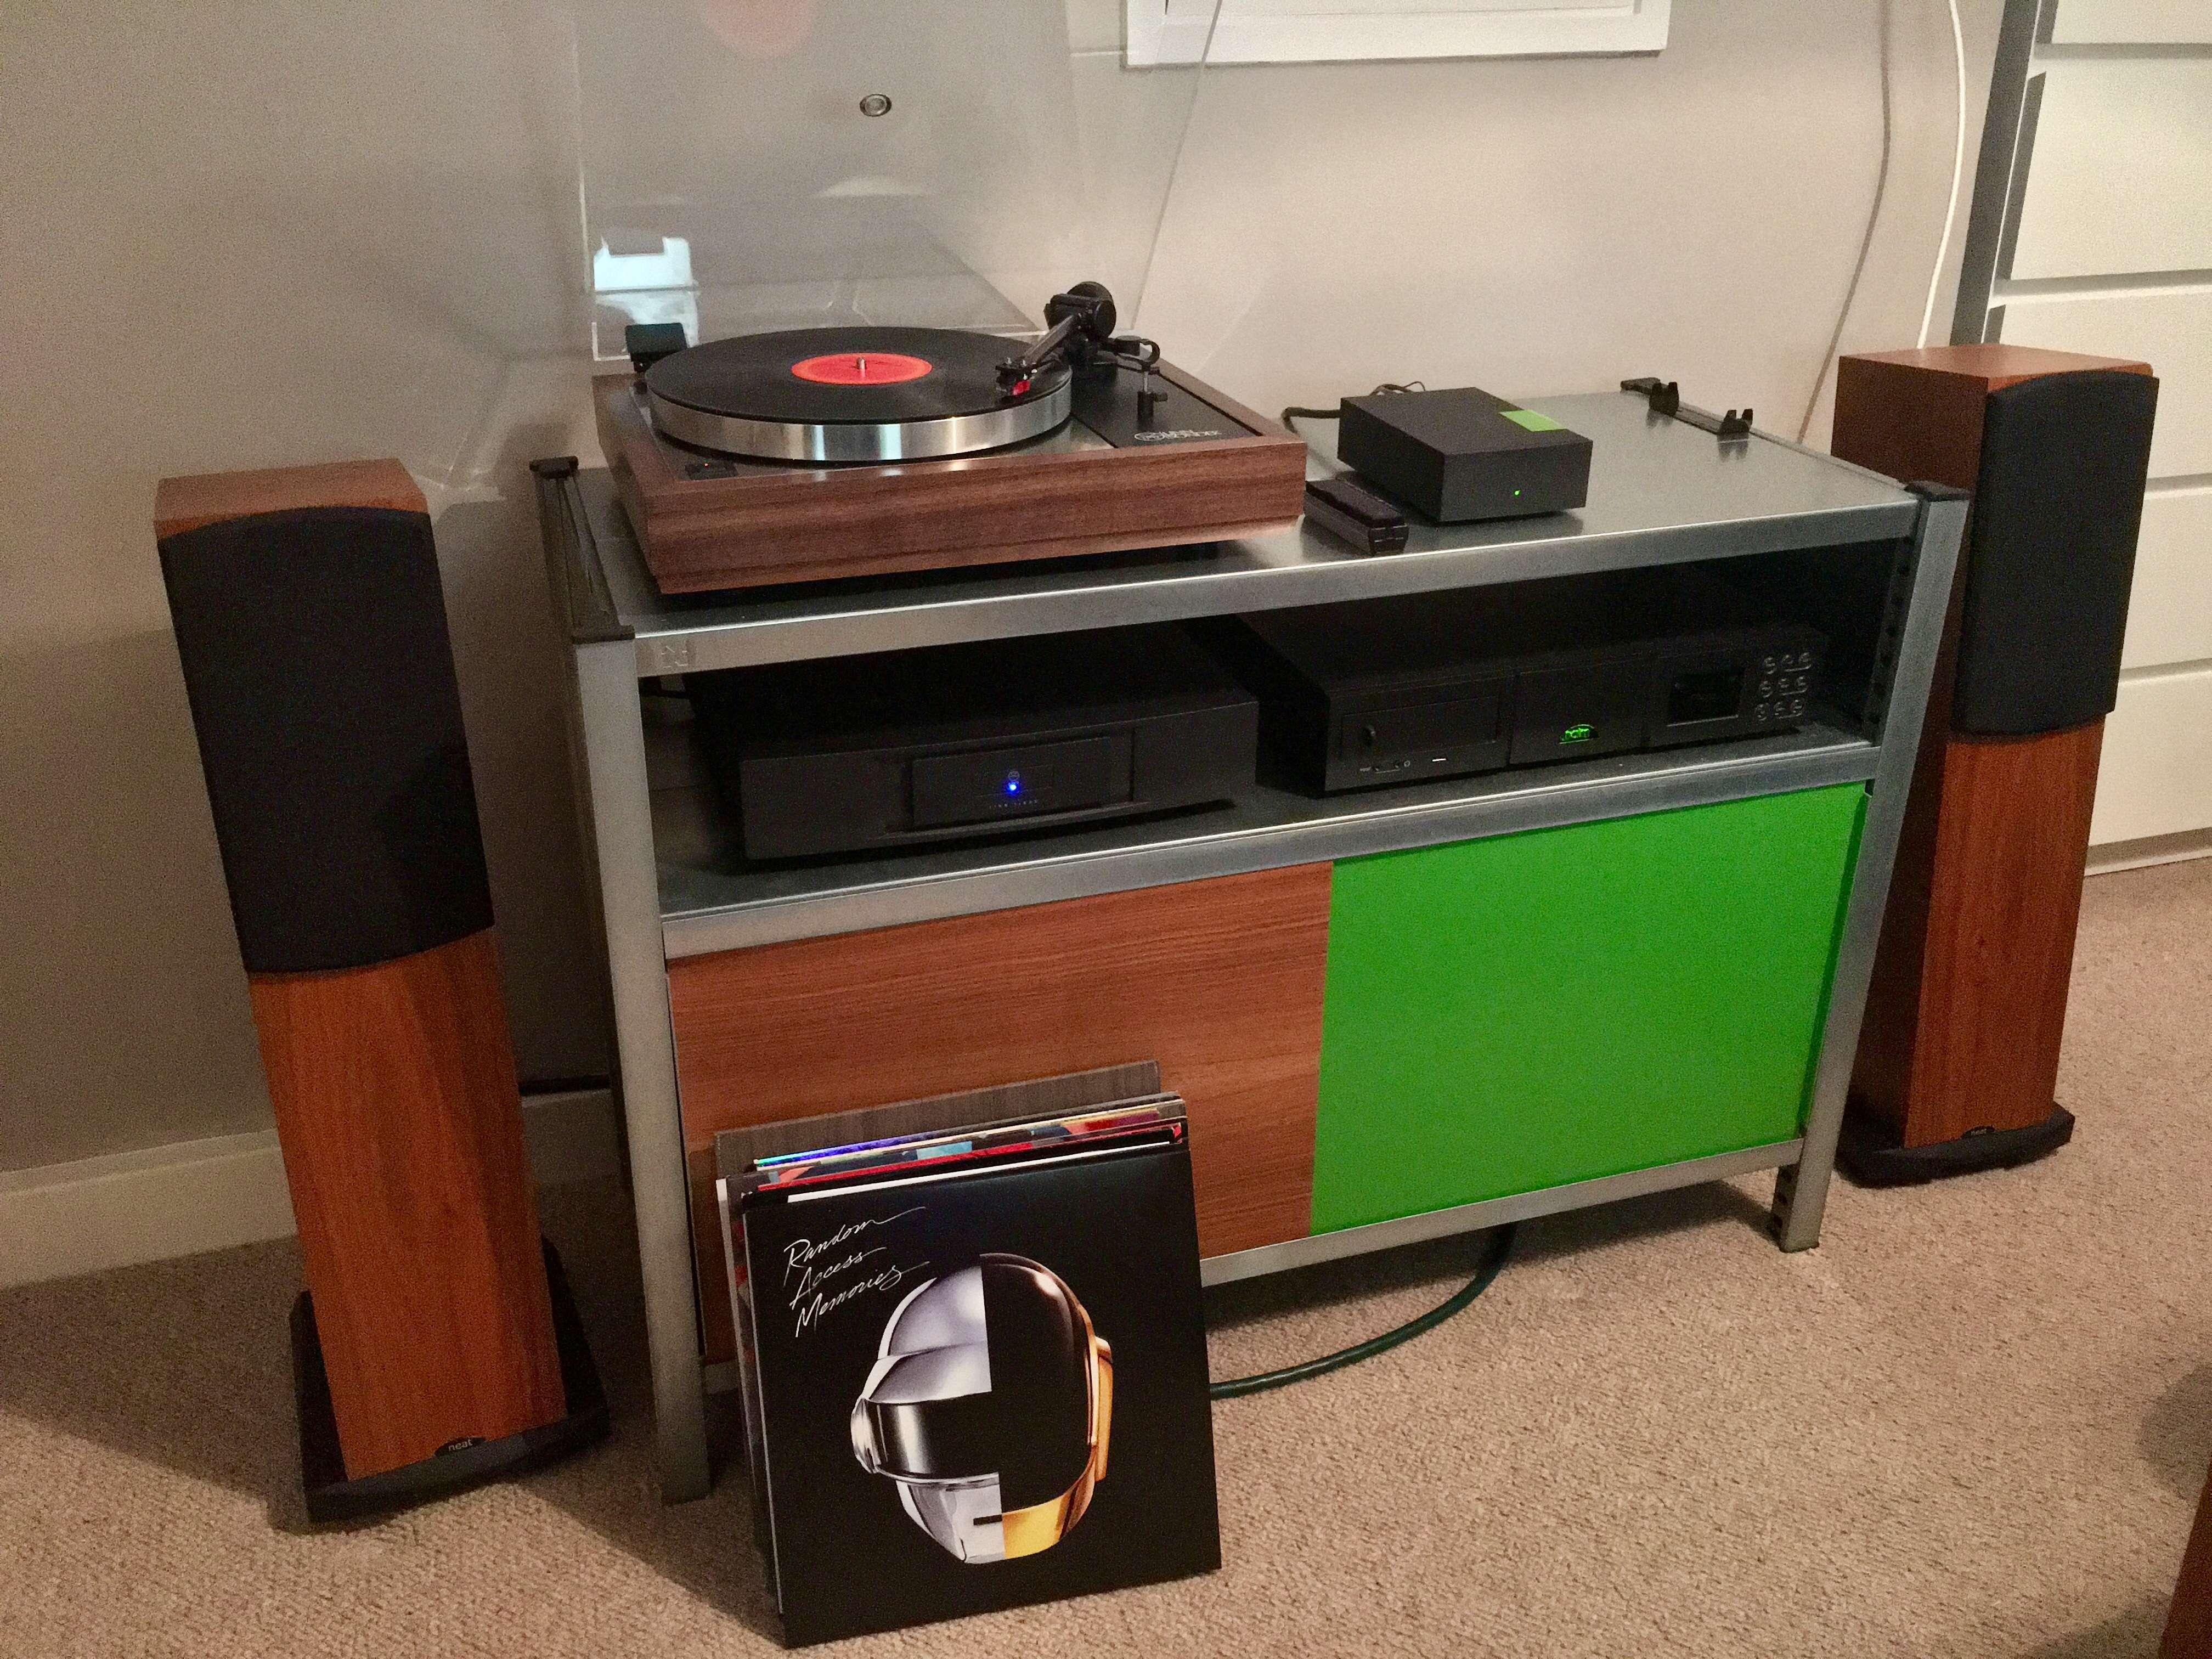 LP12/Lingo 3/NaimUniti/Neat Motive 2 – mfSystem custom shelving